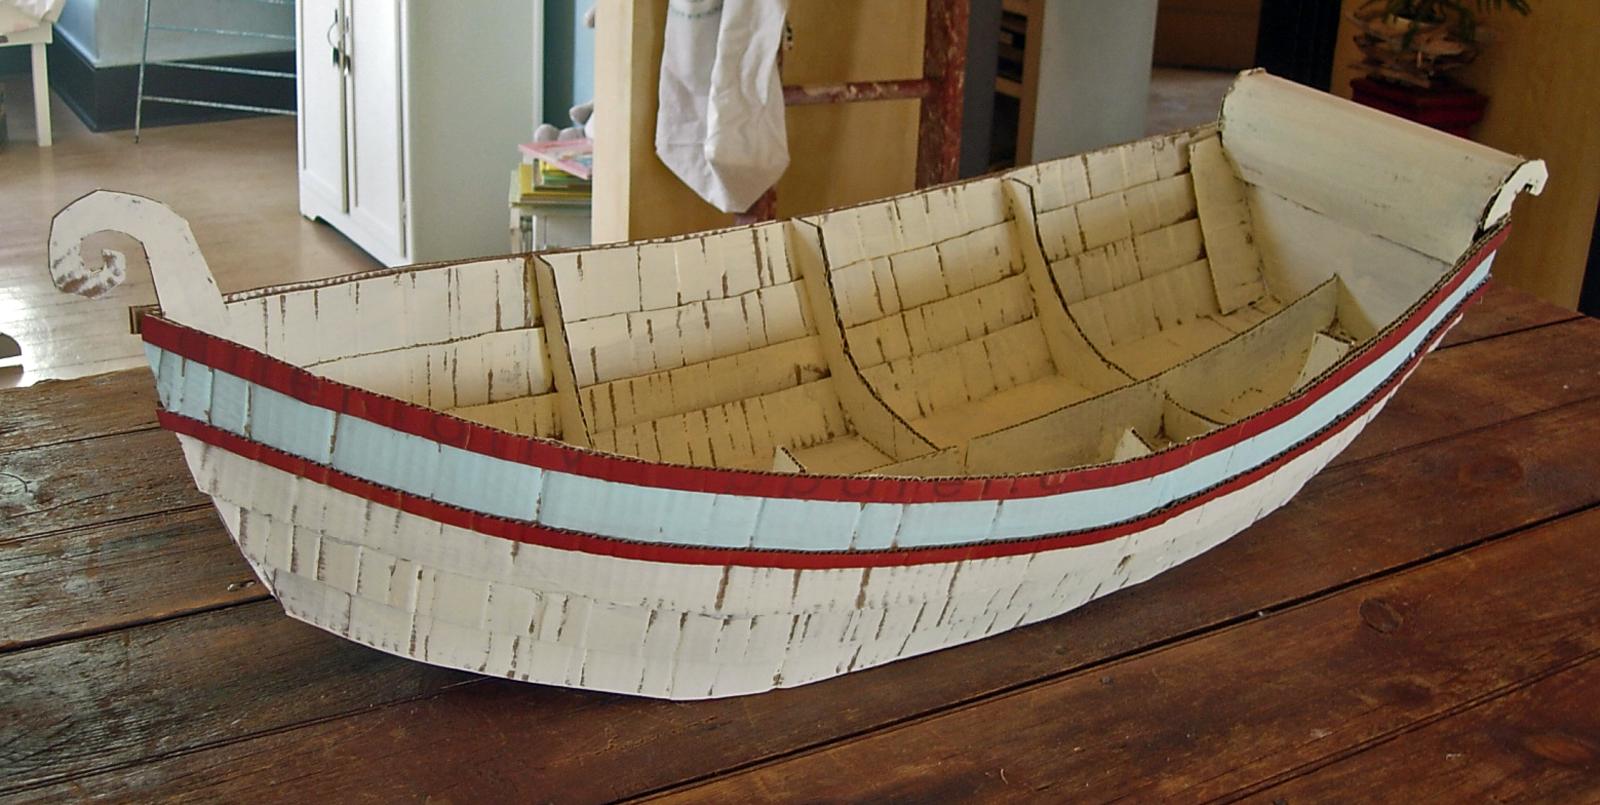 Hutch Studio Boat Project Continued